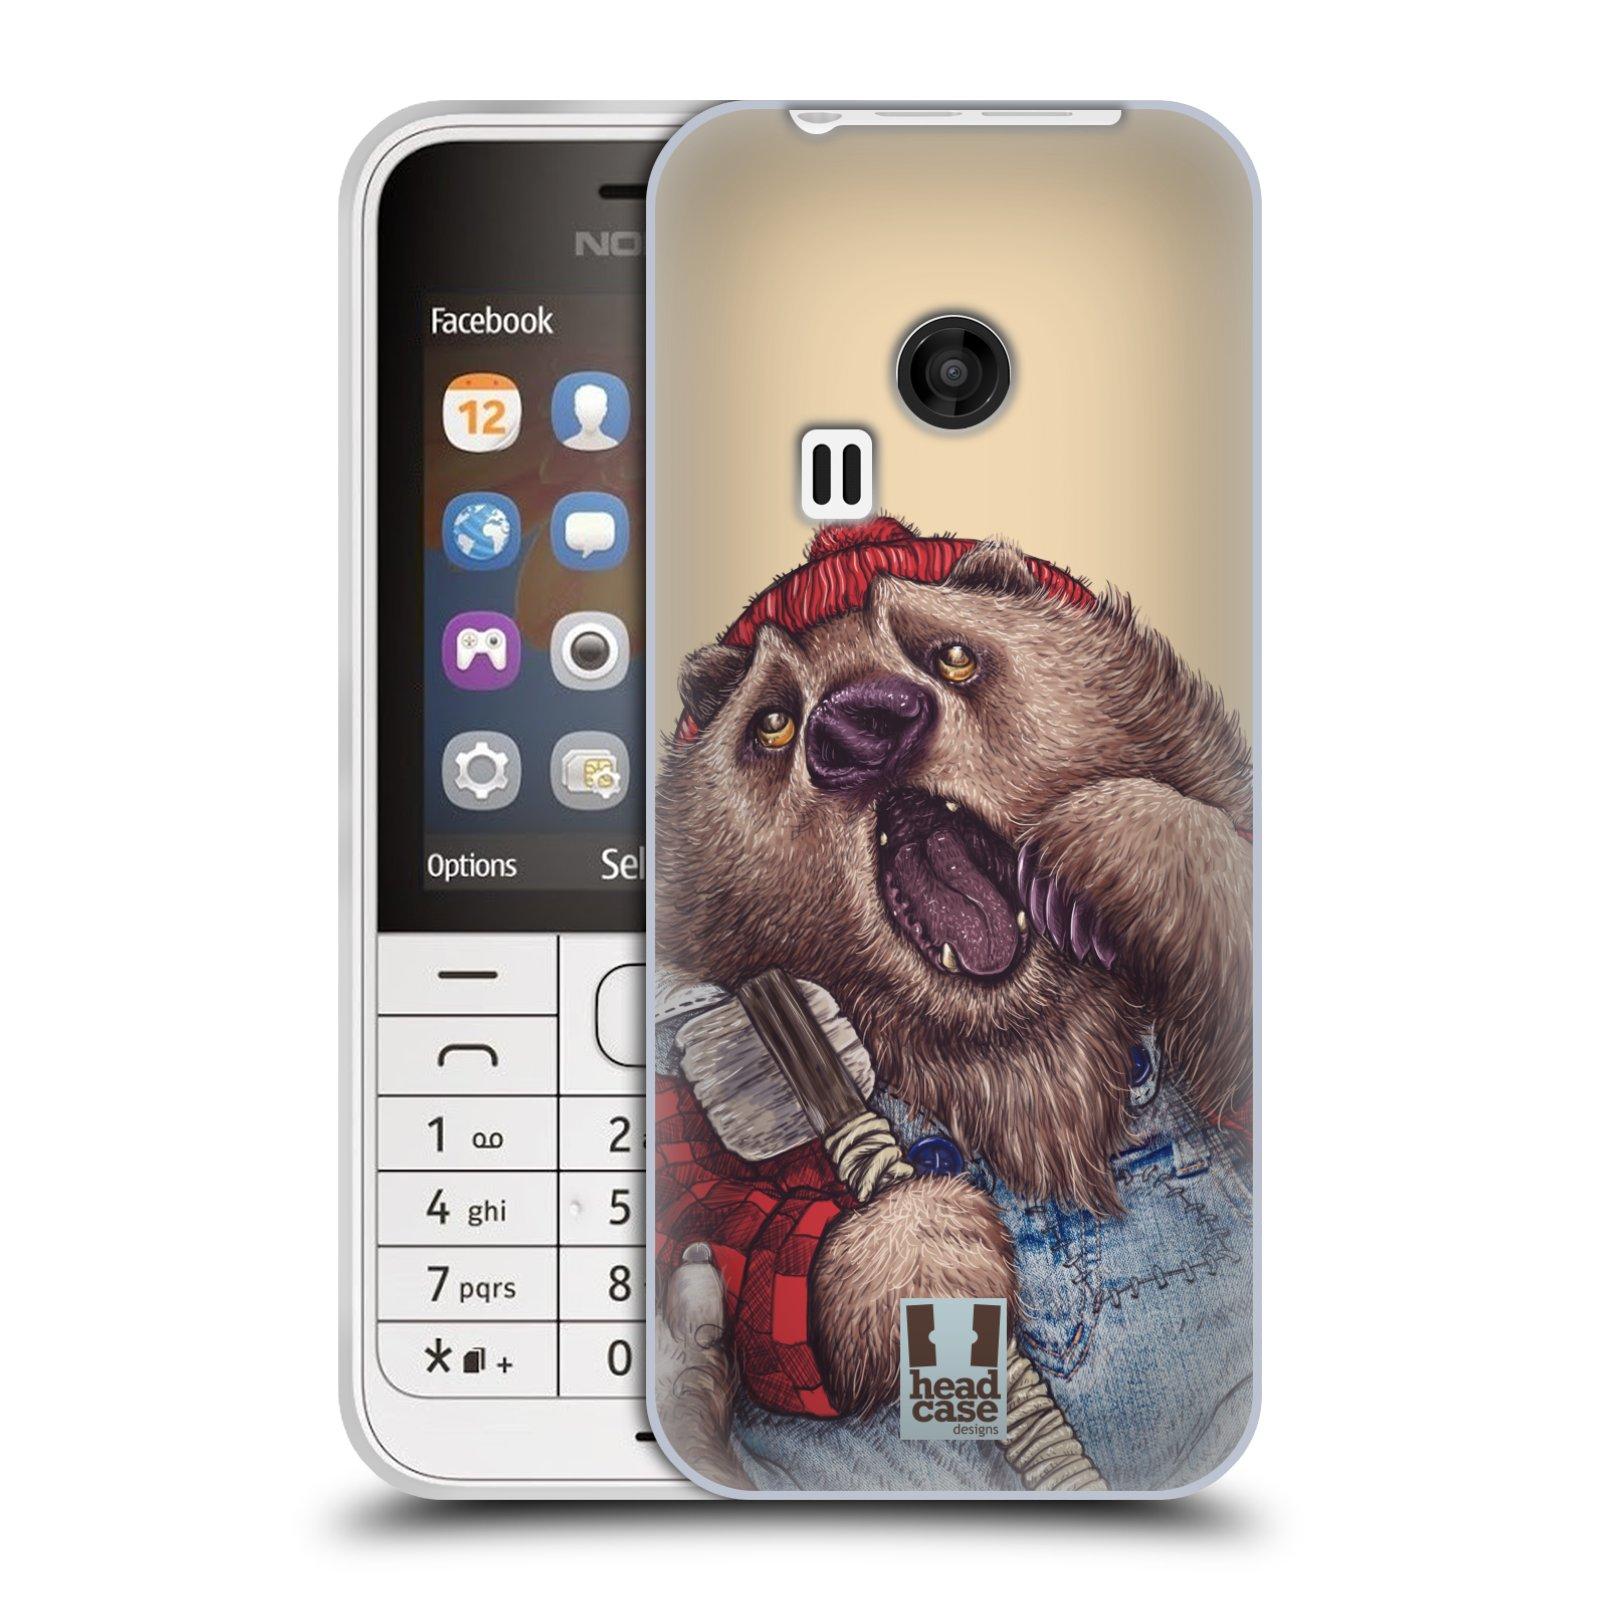 HEAD CASE silikonový obal na mobil NOKIA 220 / NOKIA 220 DUAL SIM vzor Kreslená zvířátka medvěd